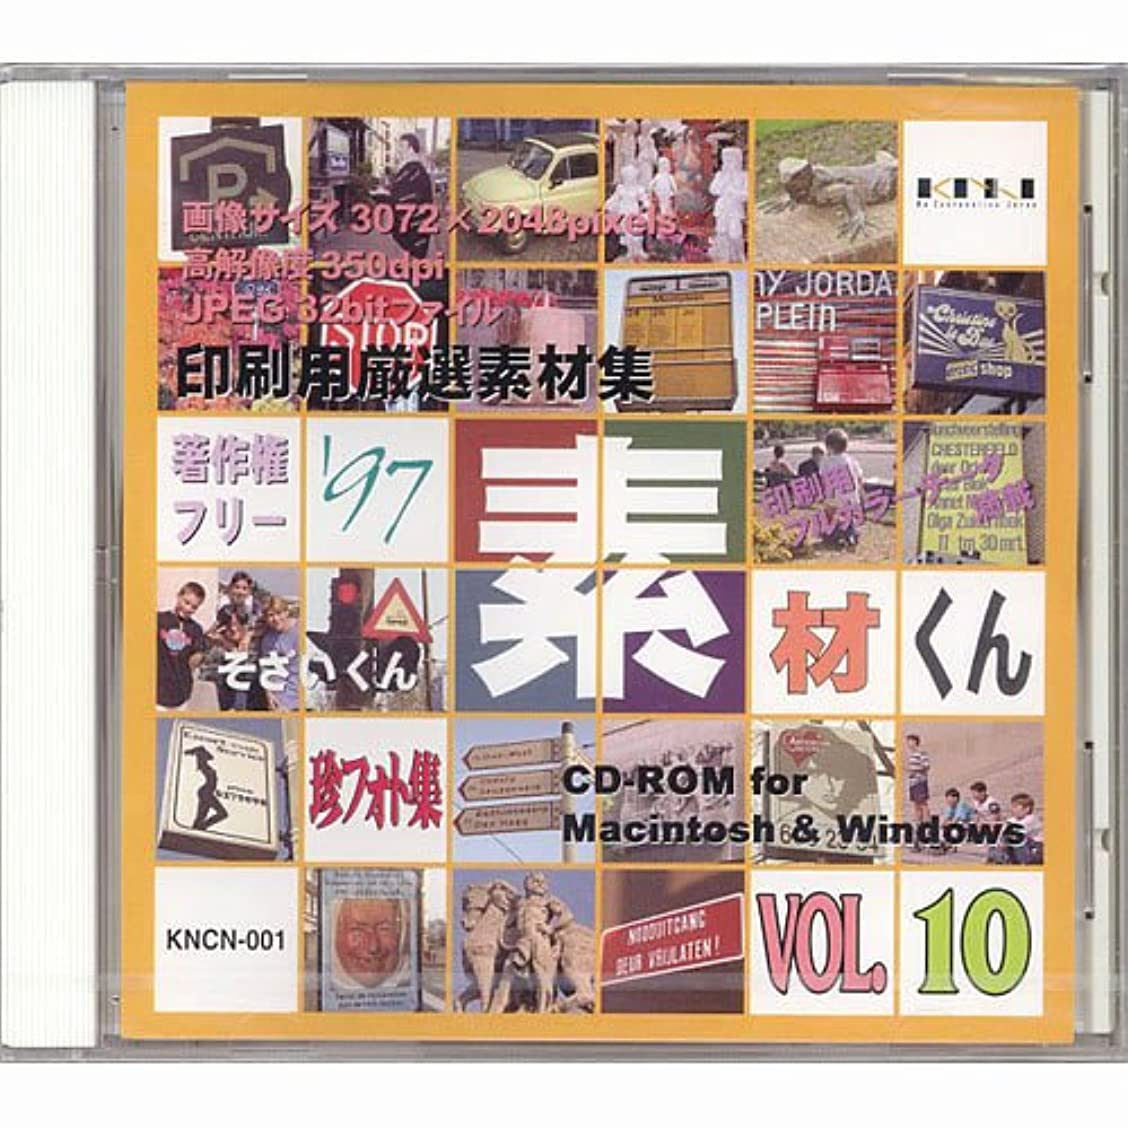 平行あいまいな十億著作権フリー 素材くん'97 vol.10「珍フォト編」印刷用厳選素材集